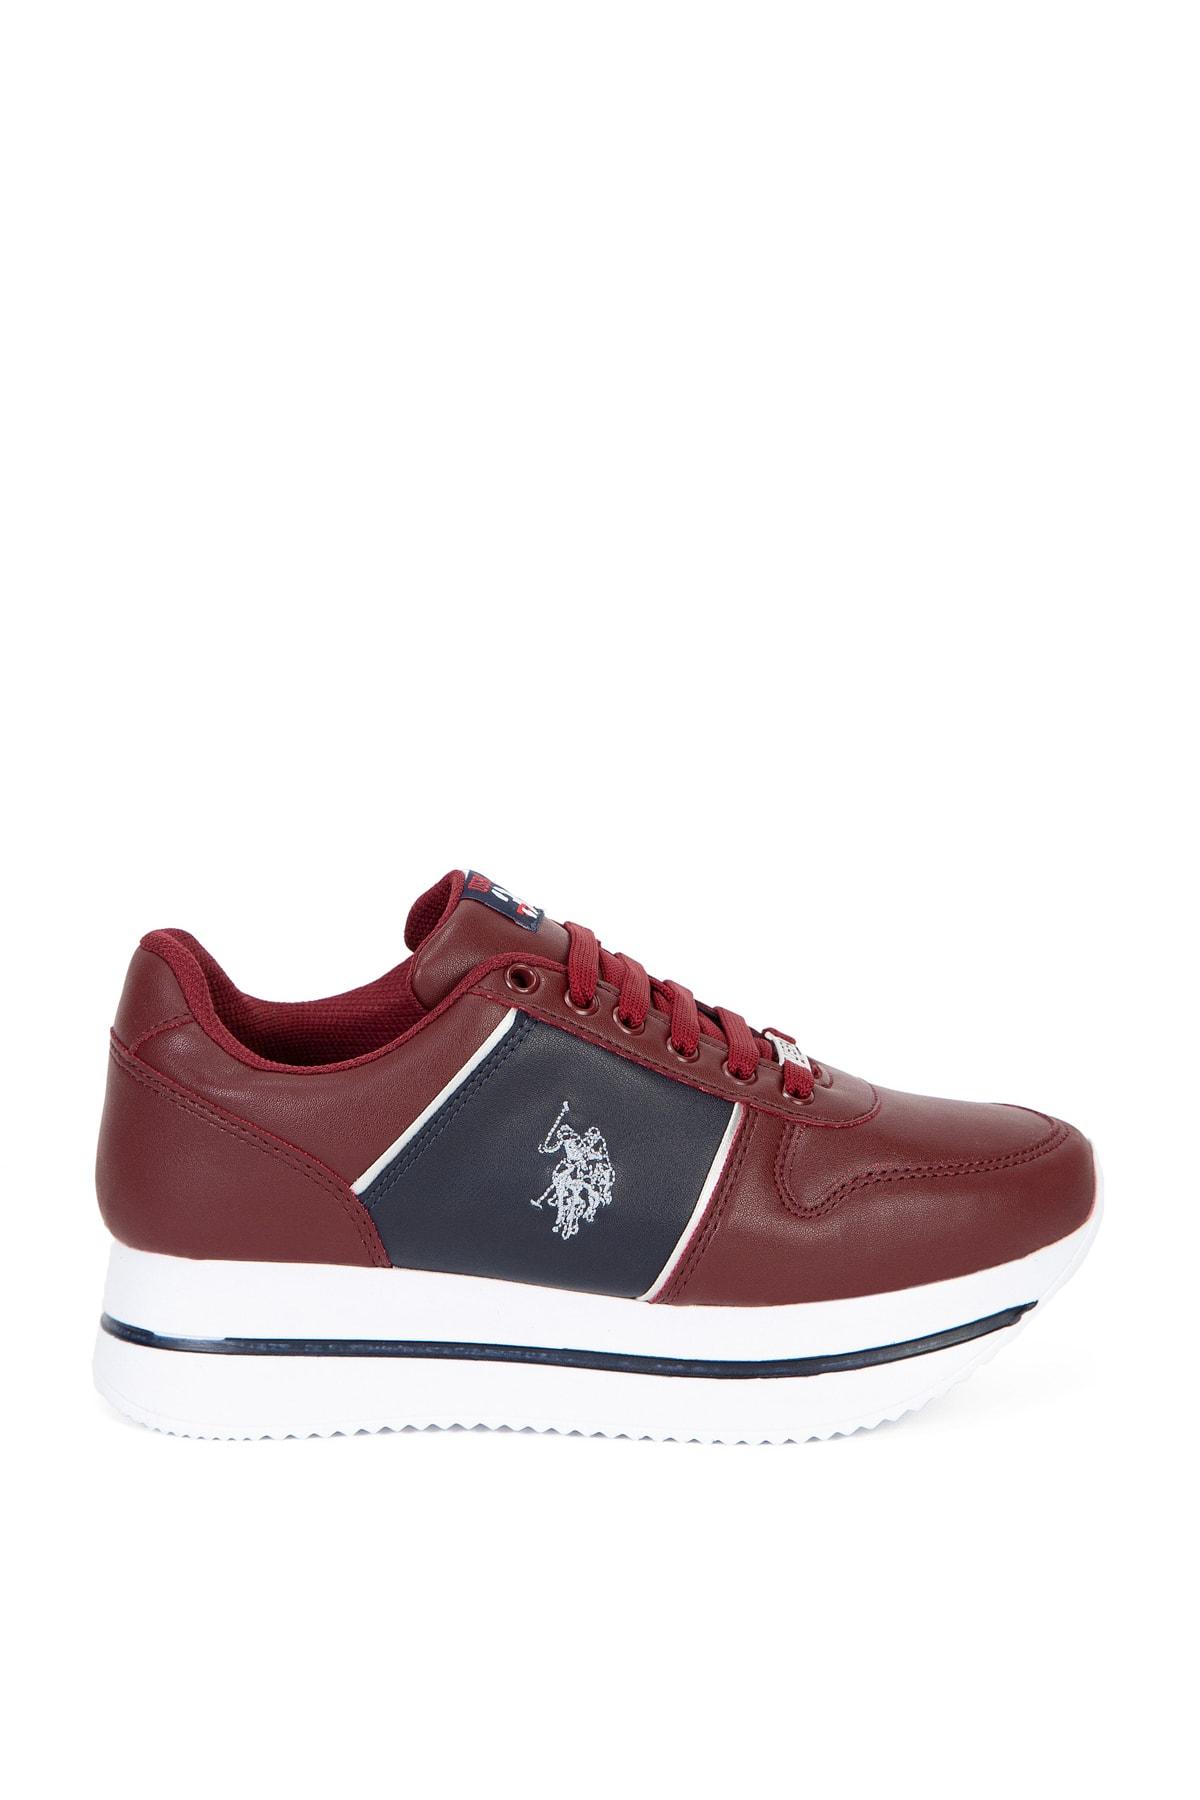 U.S. Polo Assn. Kirmizi Kadın Ayakkabı 1